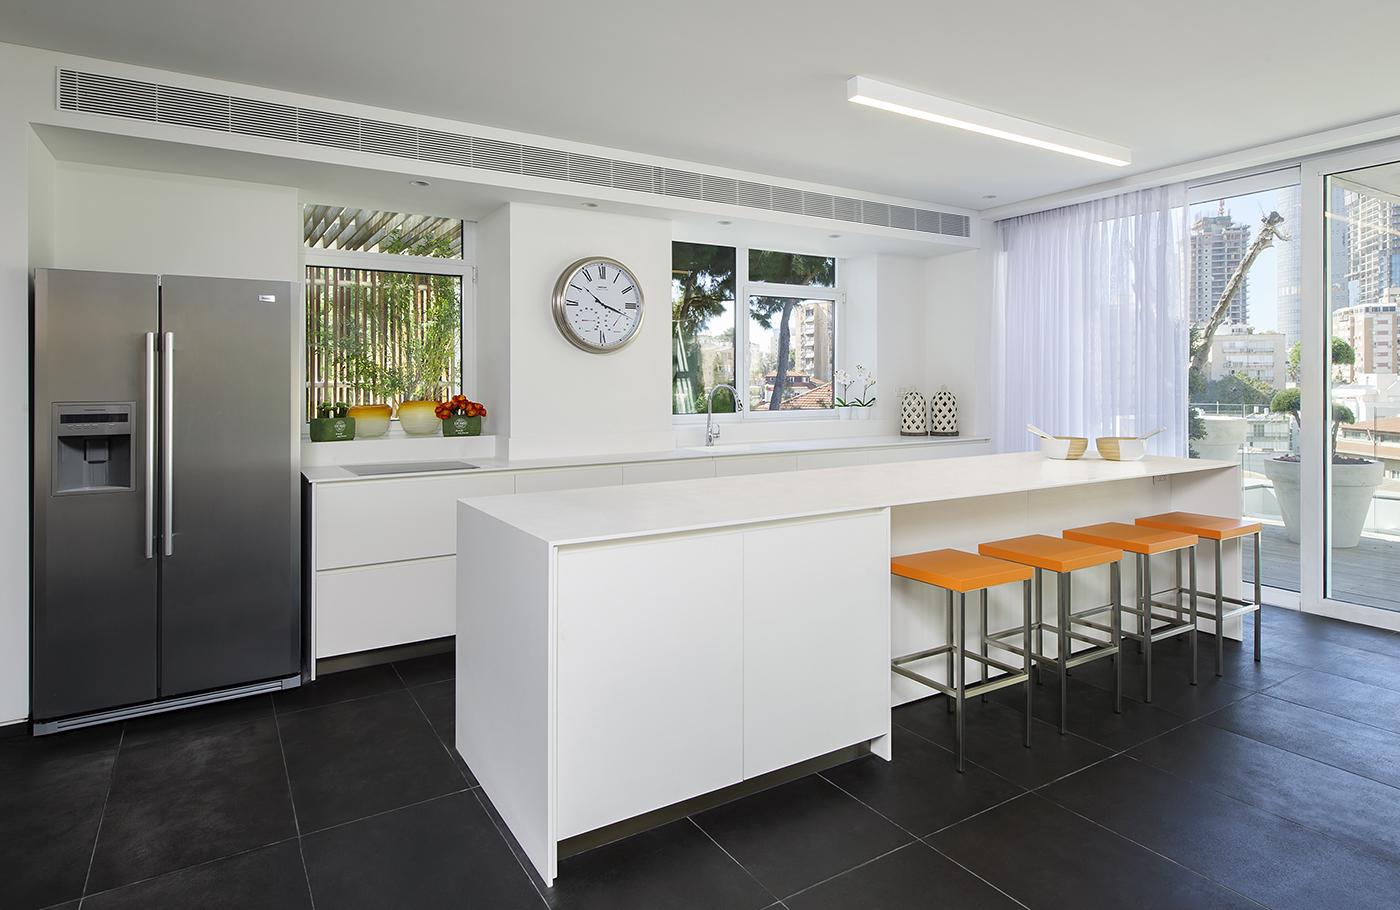 """תכנון עיצוב מטבח באמצעות אי קוריאן לבן • קוריאן שיק בע""""מ"""